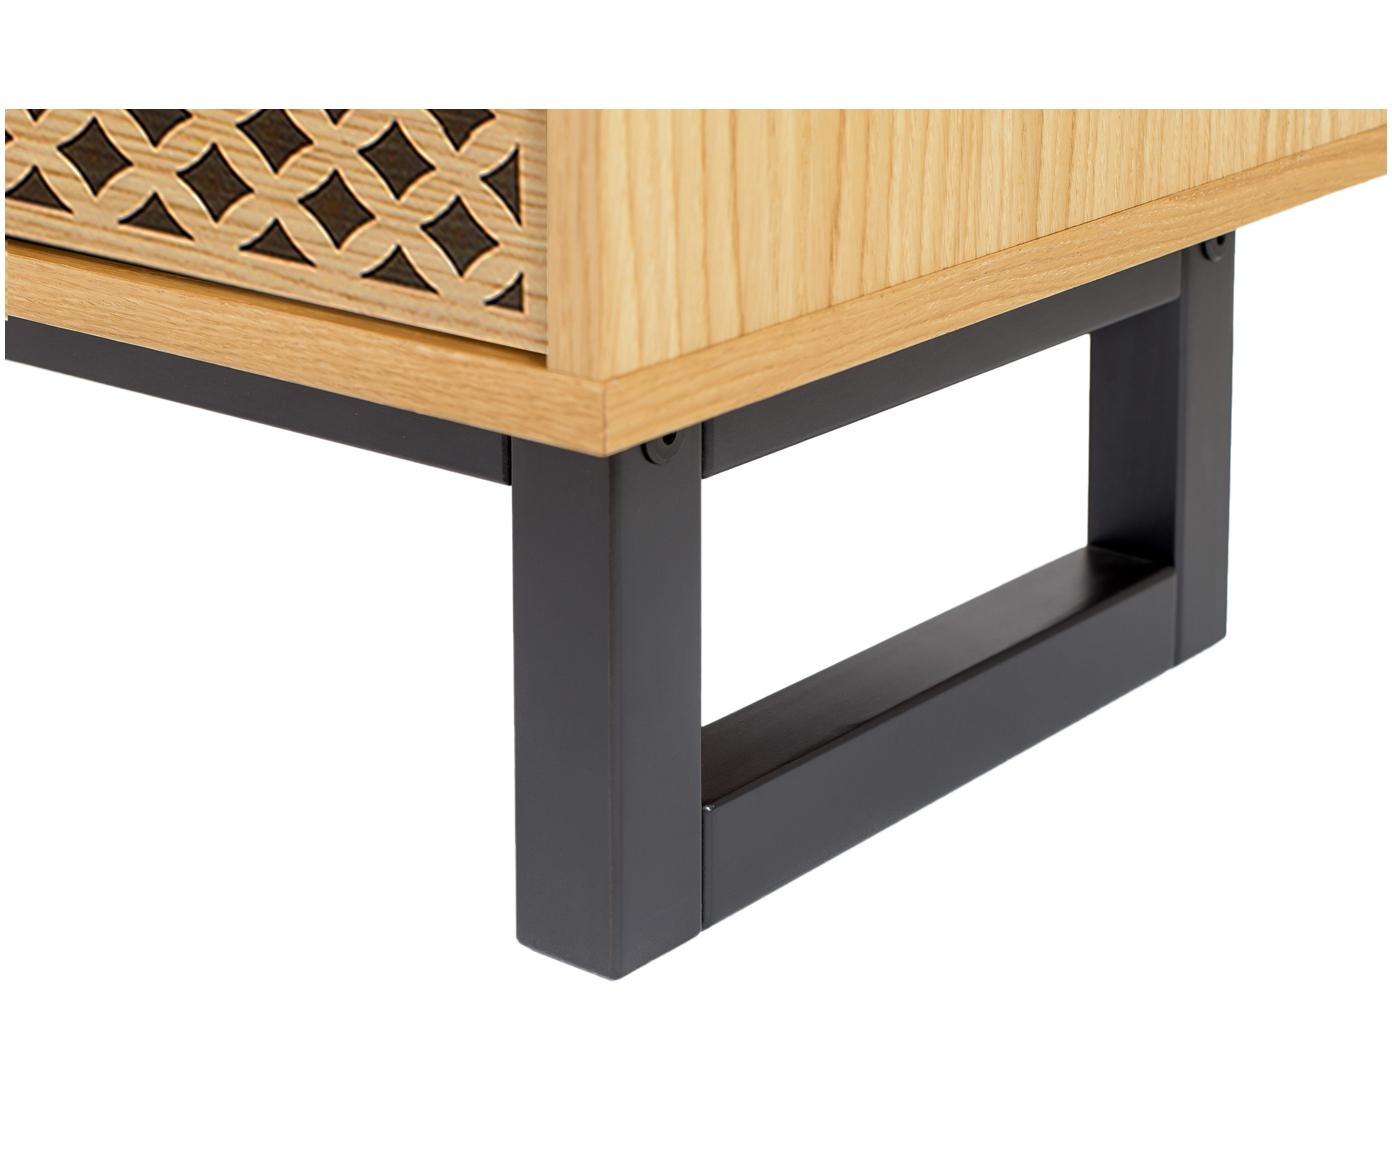 Szafka RTV z czarnym wzorem Mora, Nogi: drewno brzozowe, lakierow, Drewno dębowe, czarny, S 150 x W 50 cm